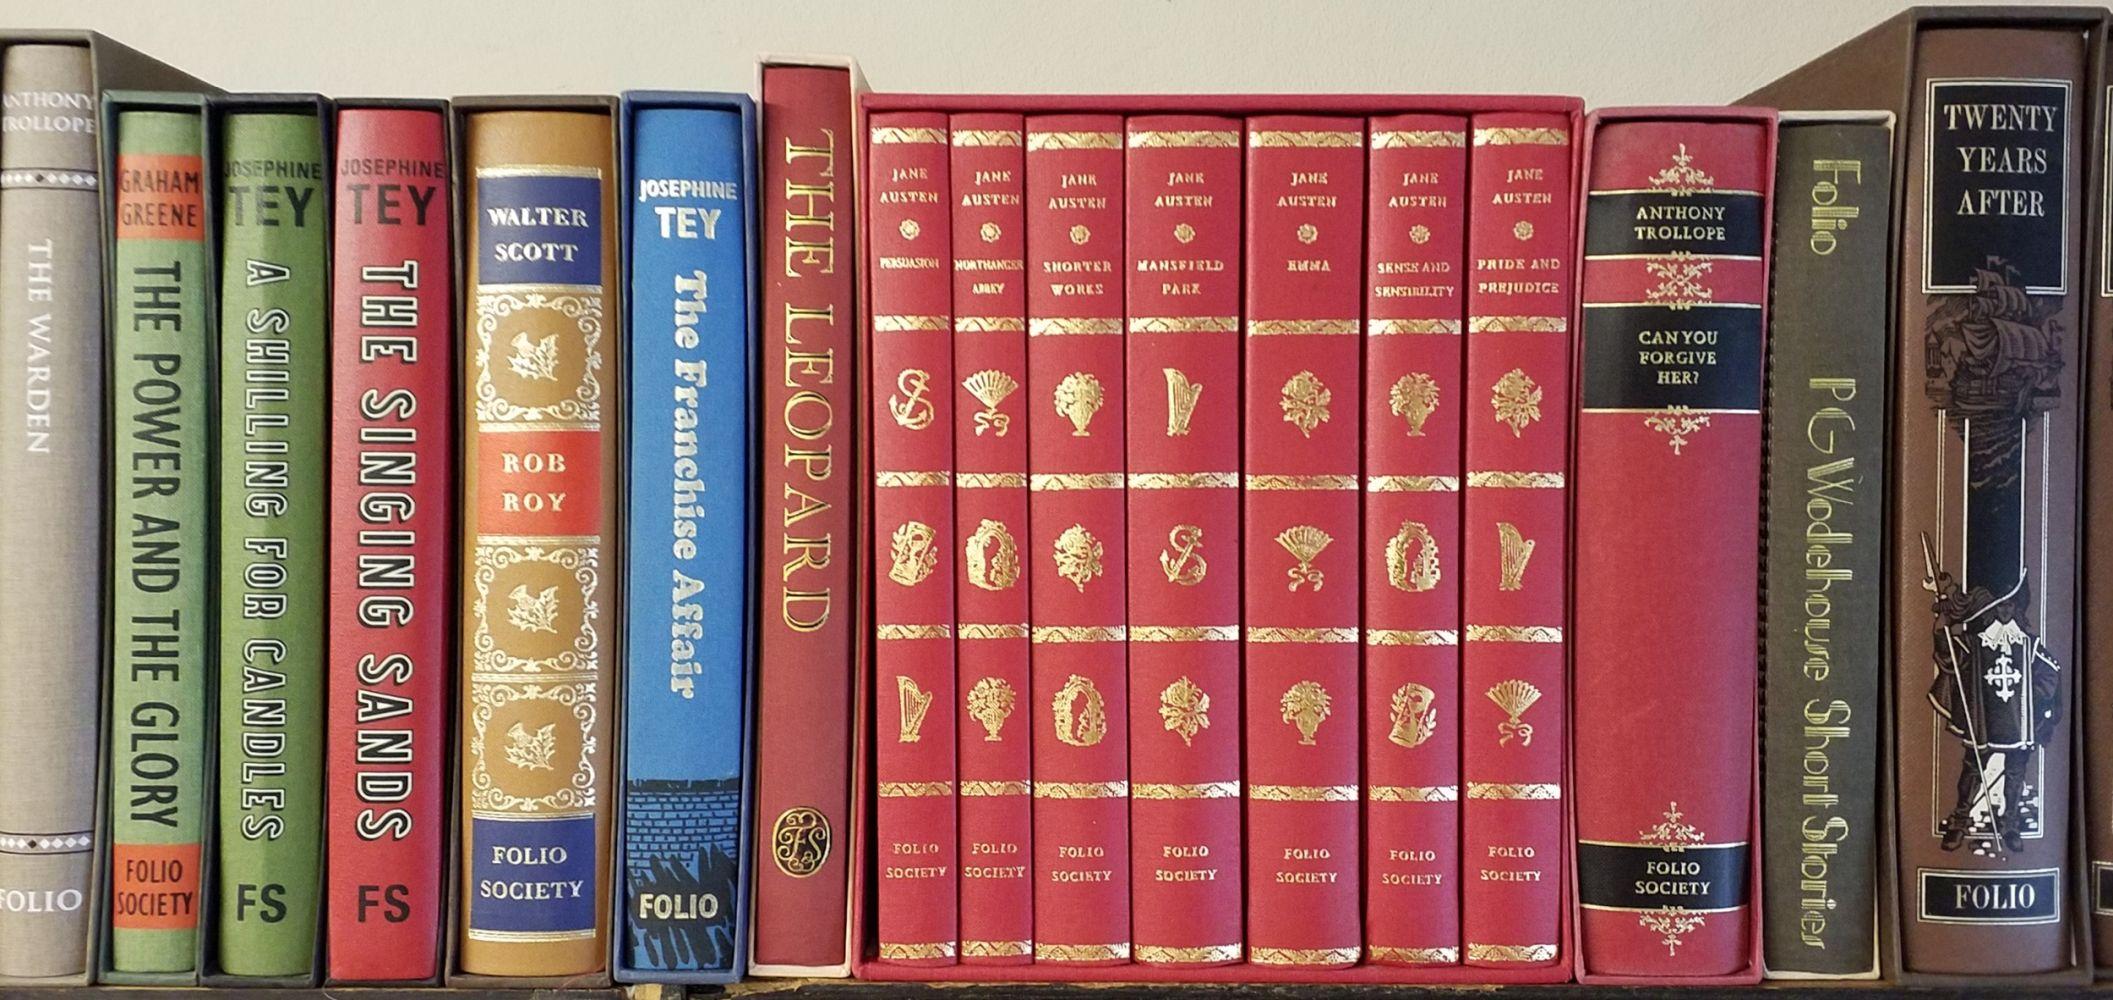 Folio Society. 59 volumes